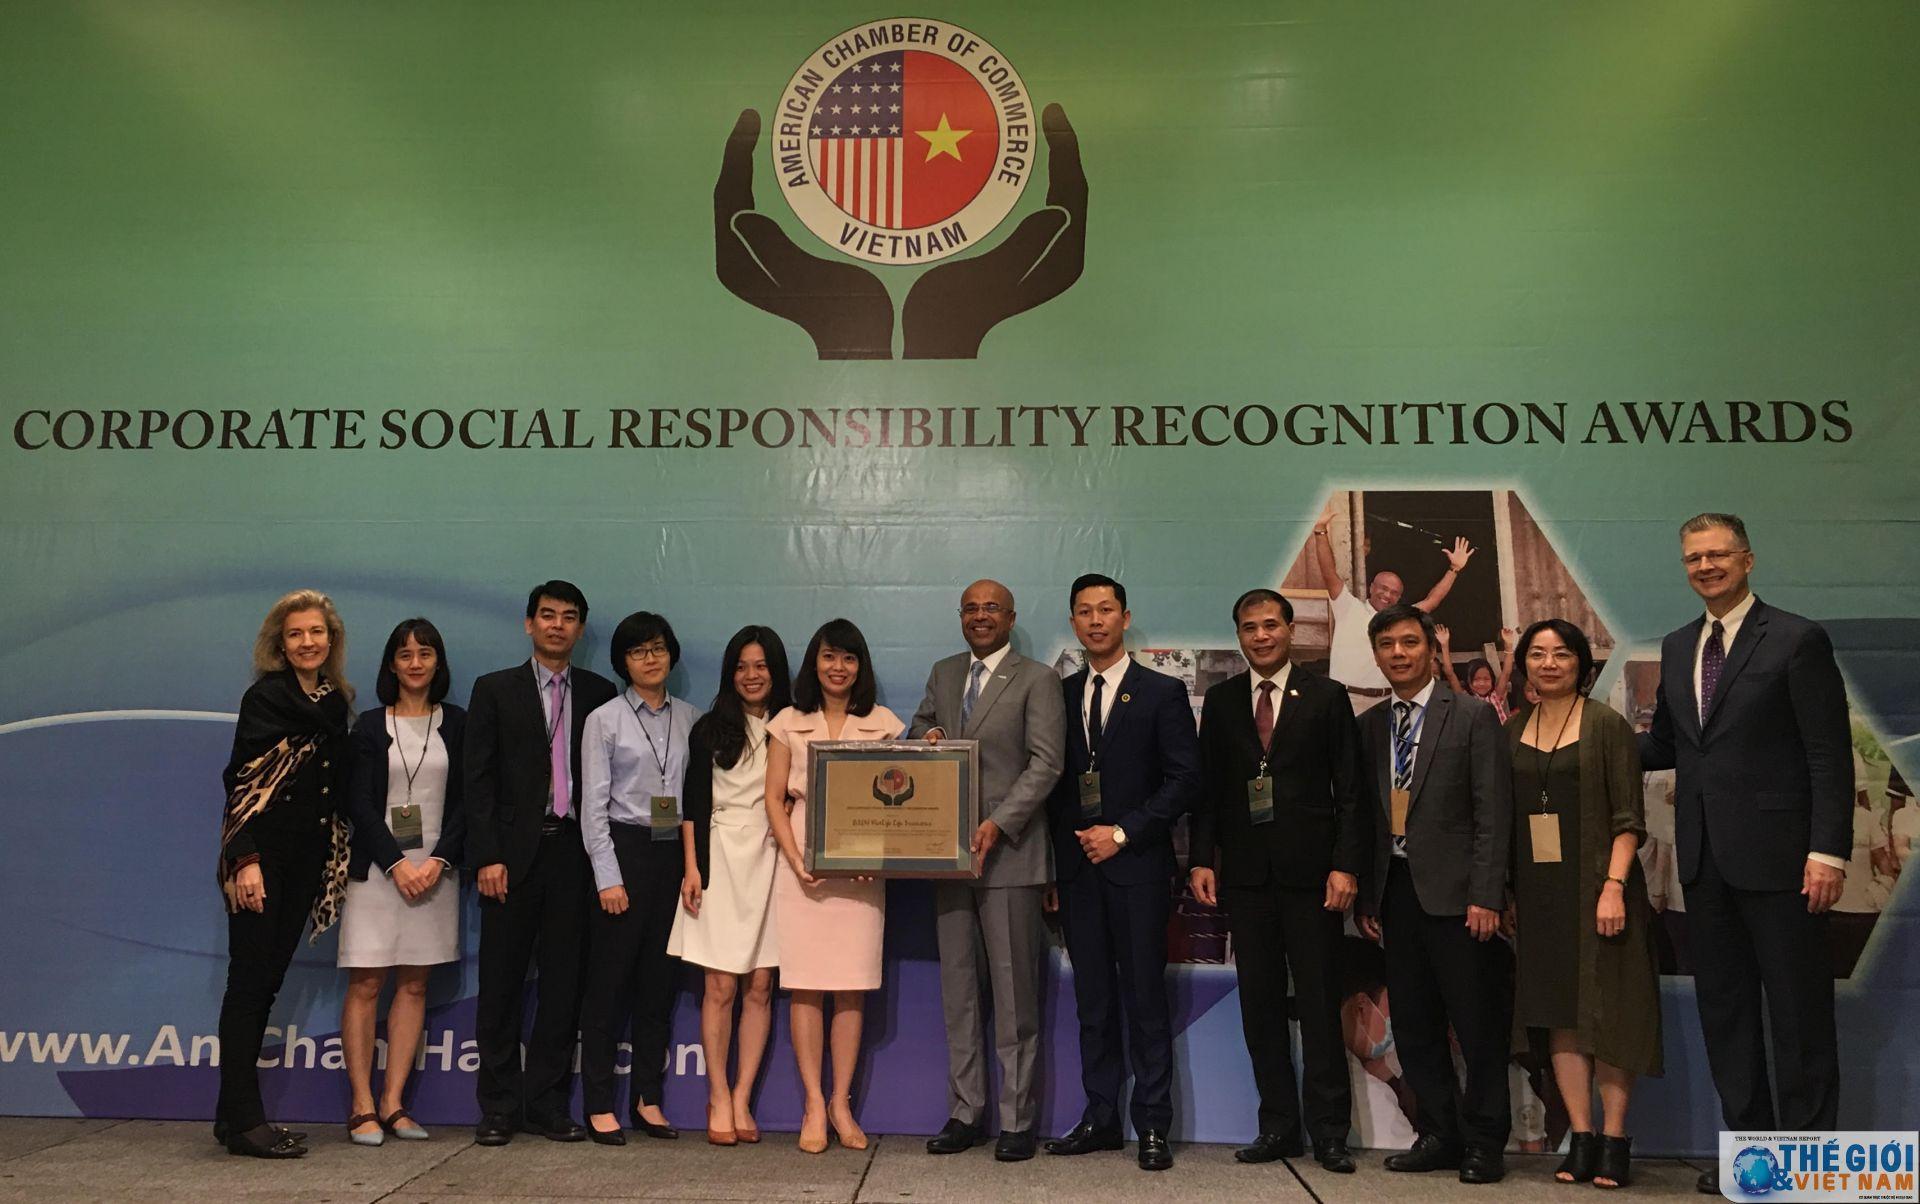 34 doanh nghiệp nhận giải thưởng CSR của Hiệp hội Thương mại Hoa Kỳ (AmCham)